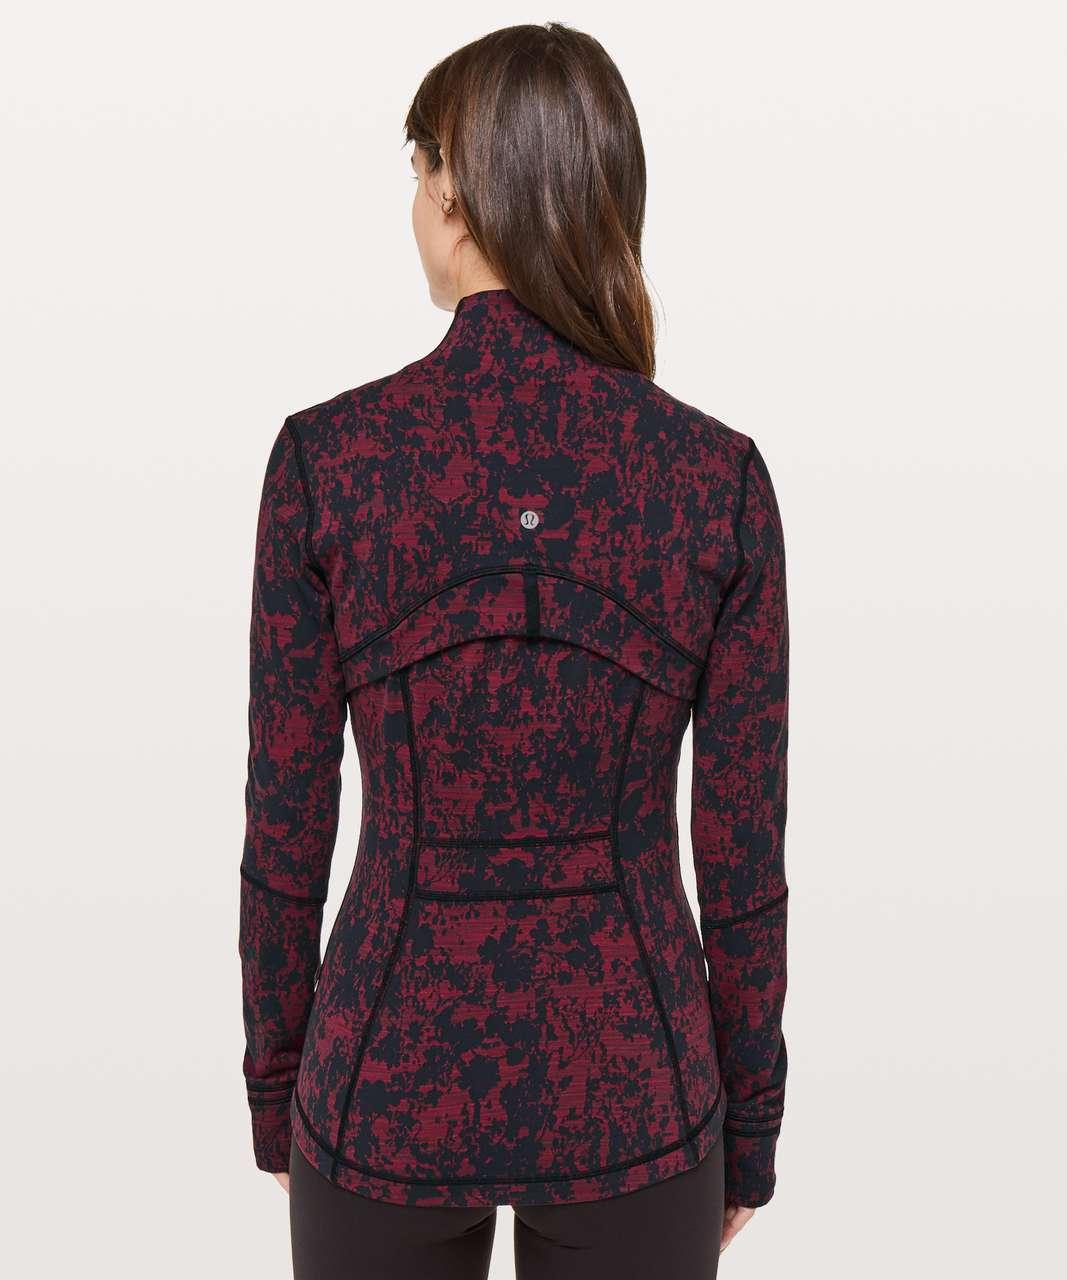 Lululemon Define Jacket - Scatter Blossom Jacquard Garnet Black